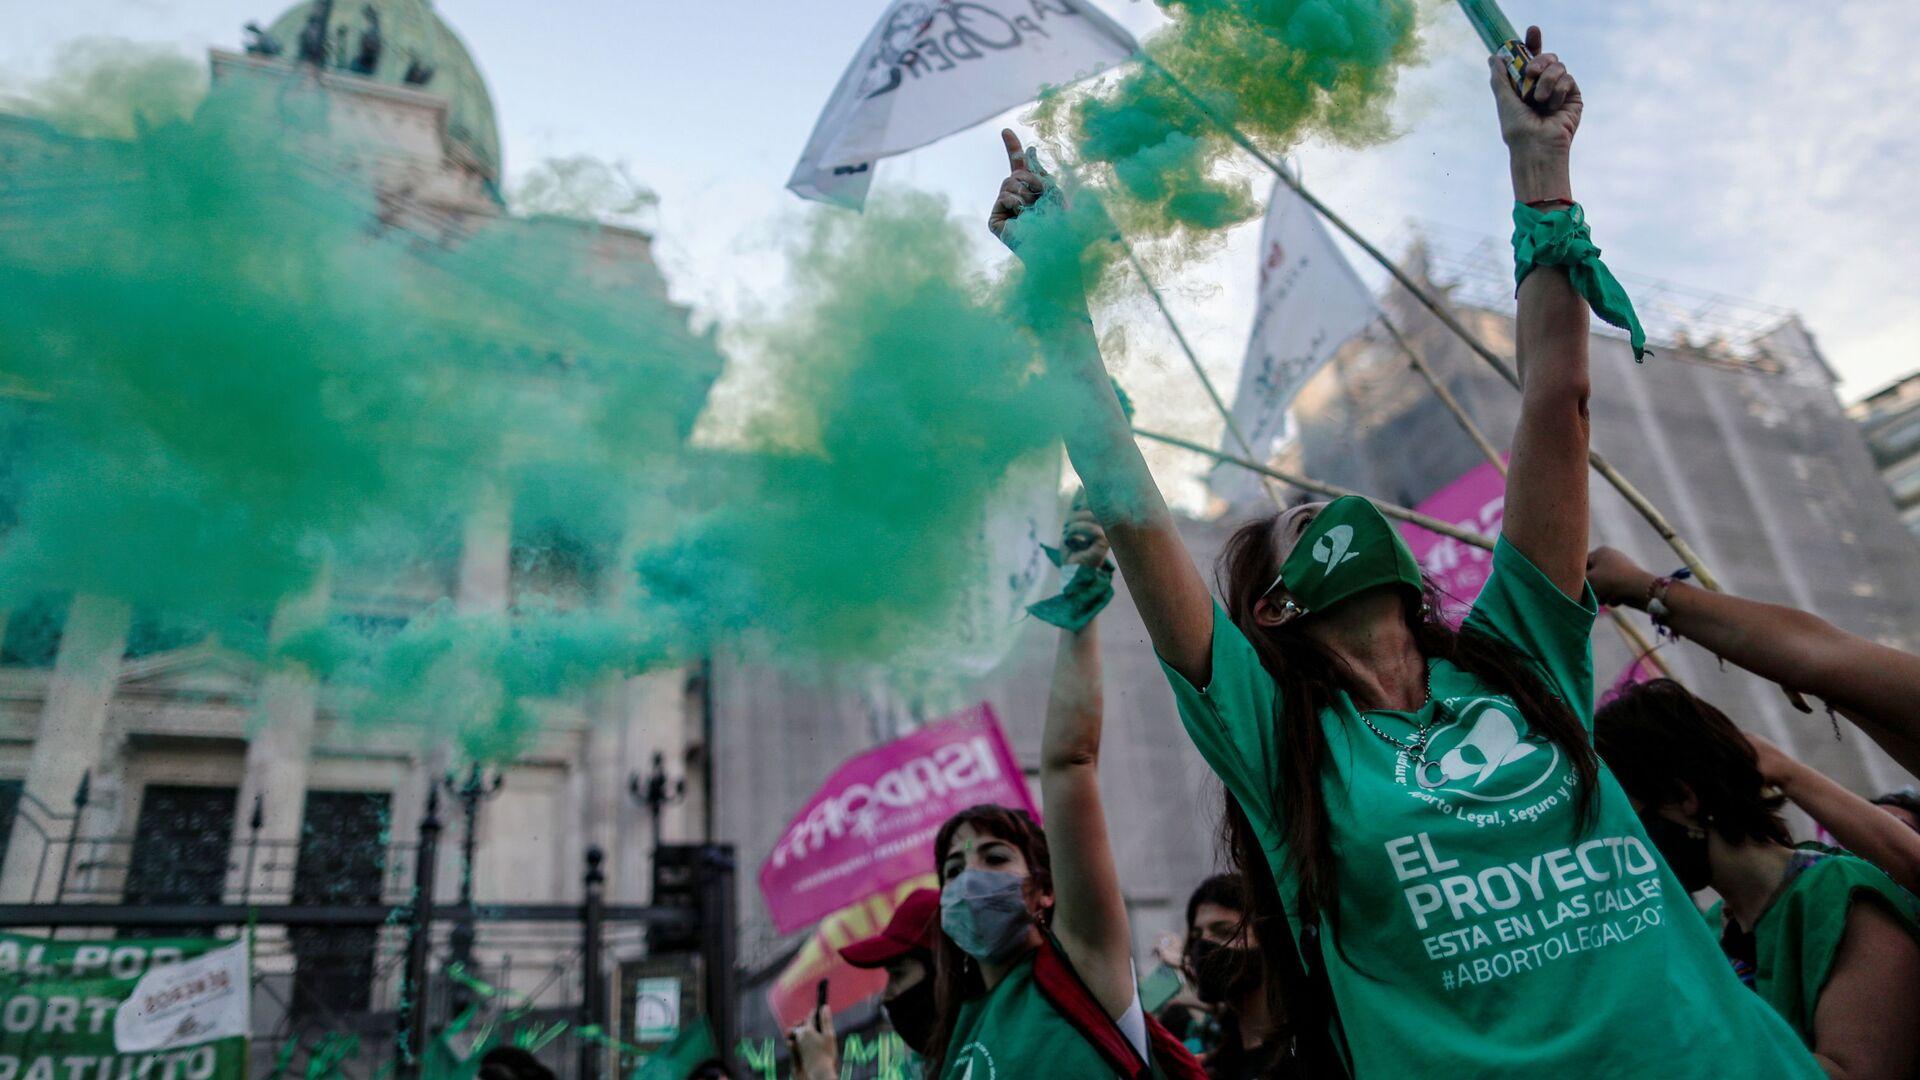 Activistas participan en manifestación a favor de legalizar el aborto, en Buenos Aires (Argentina), el 18 de noviembre del 2020 - Sputnik Mundo, 1920, 10.02.2021